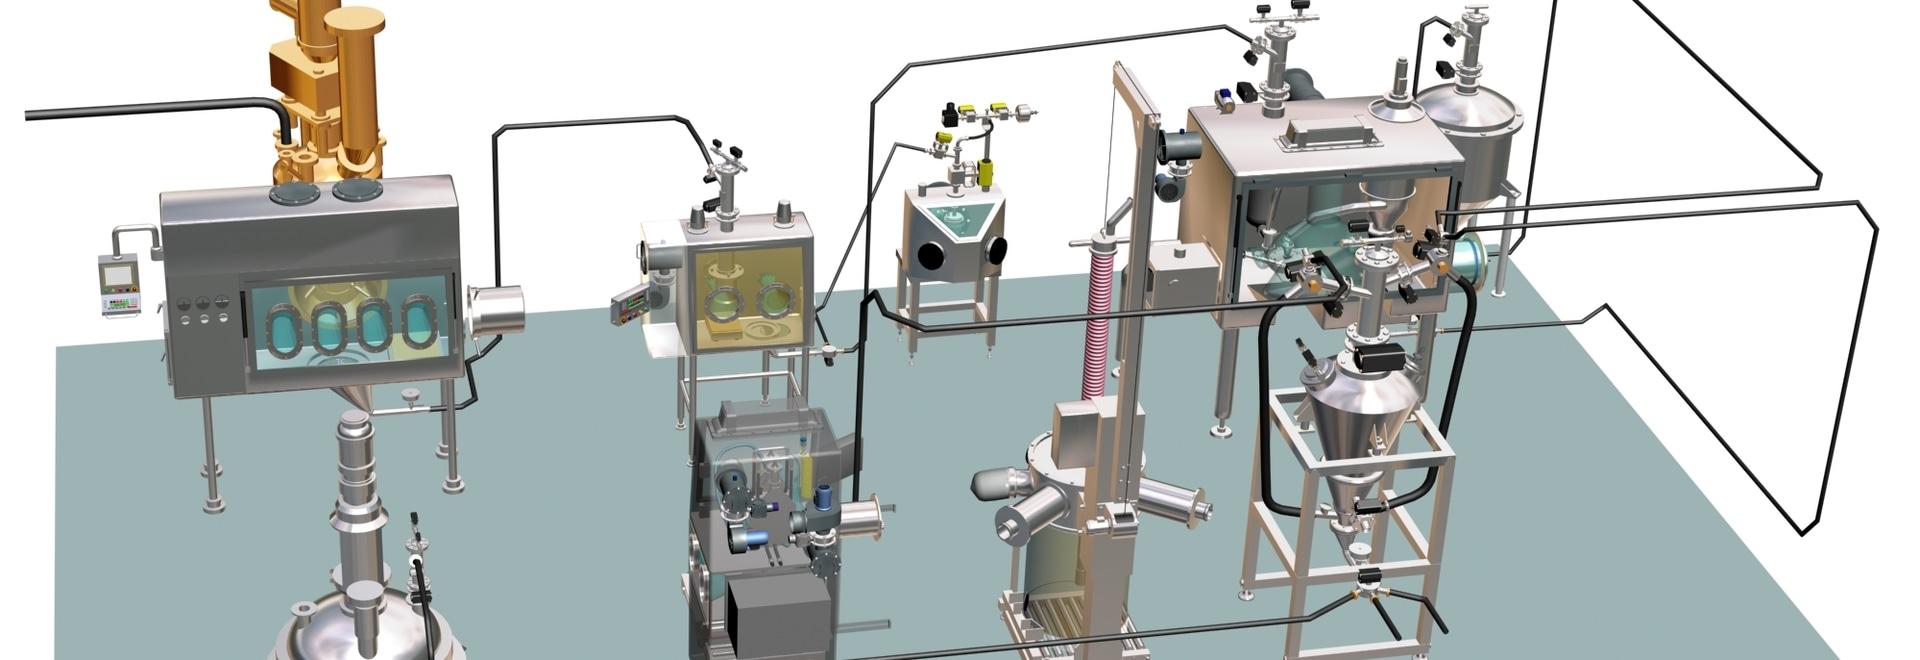 Descubra los beneficios de una instalación farmacéutica modular, desde la manipulación de las materias primas hasta el embalaje final